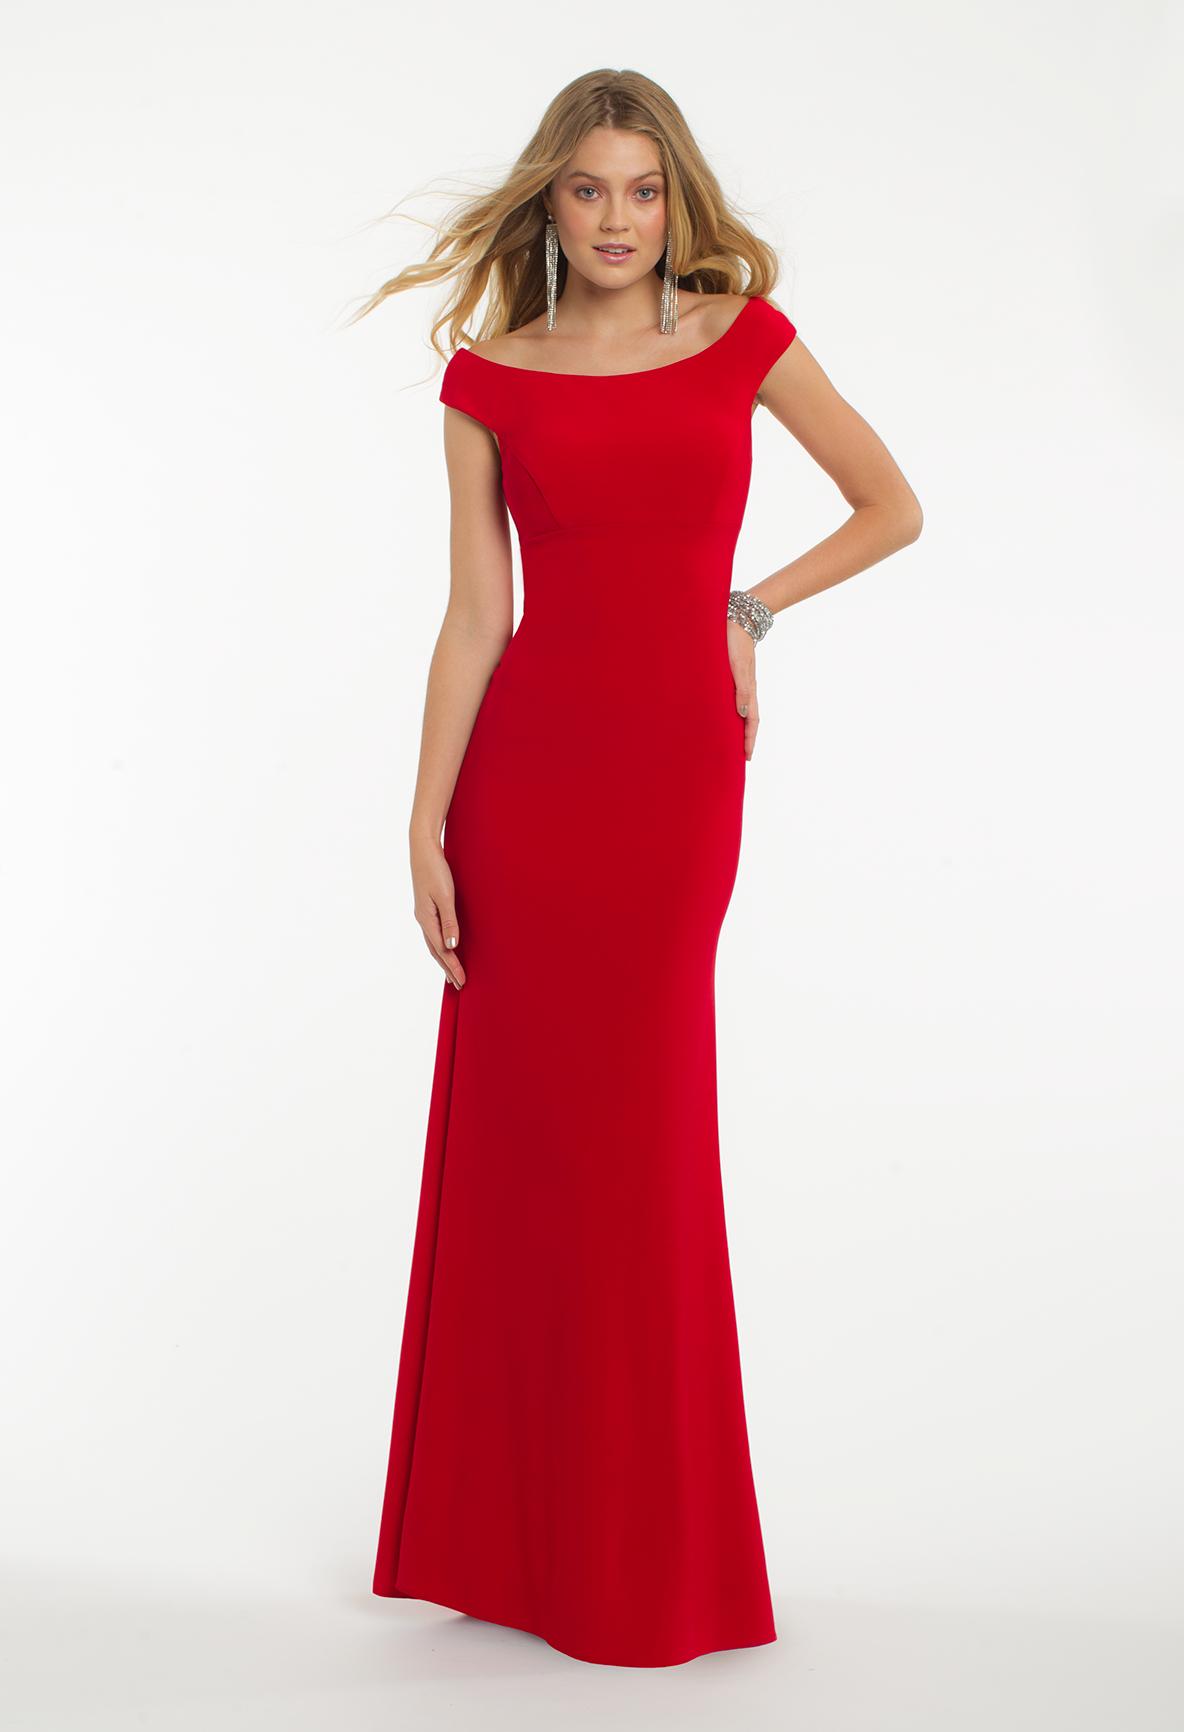 Off shoulder shirred back dress